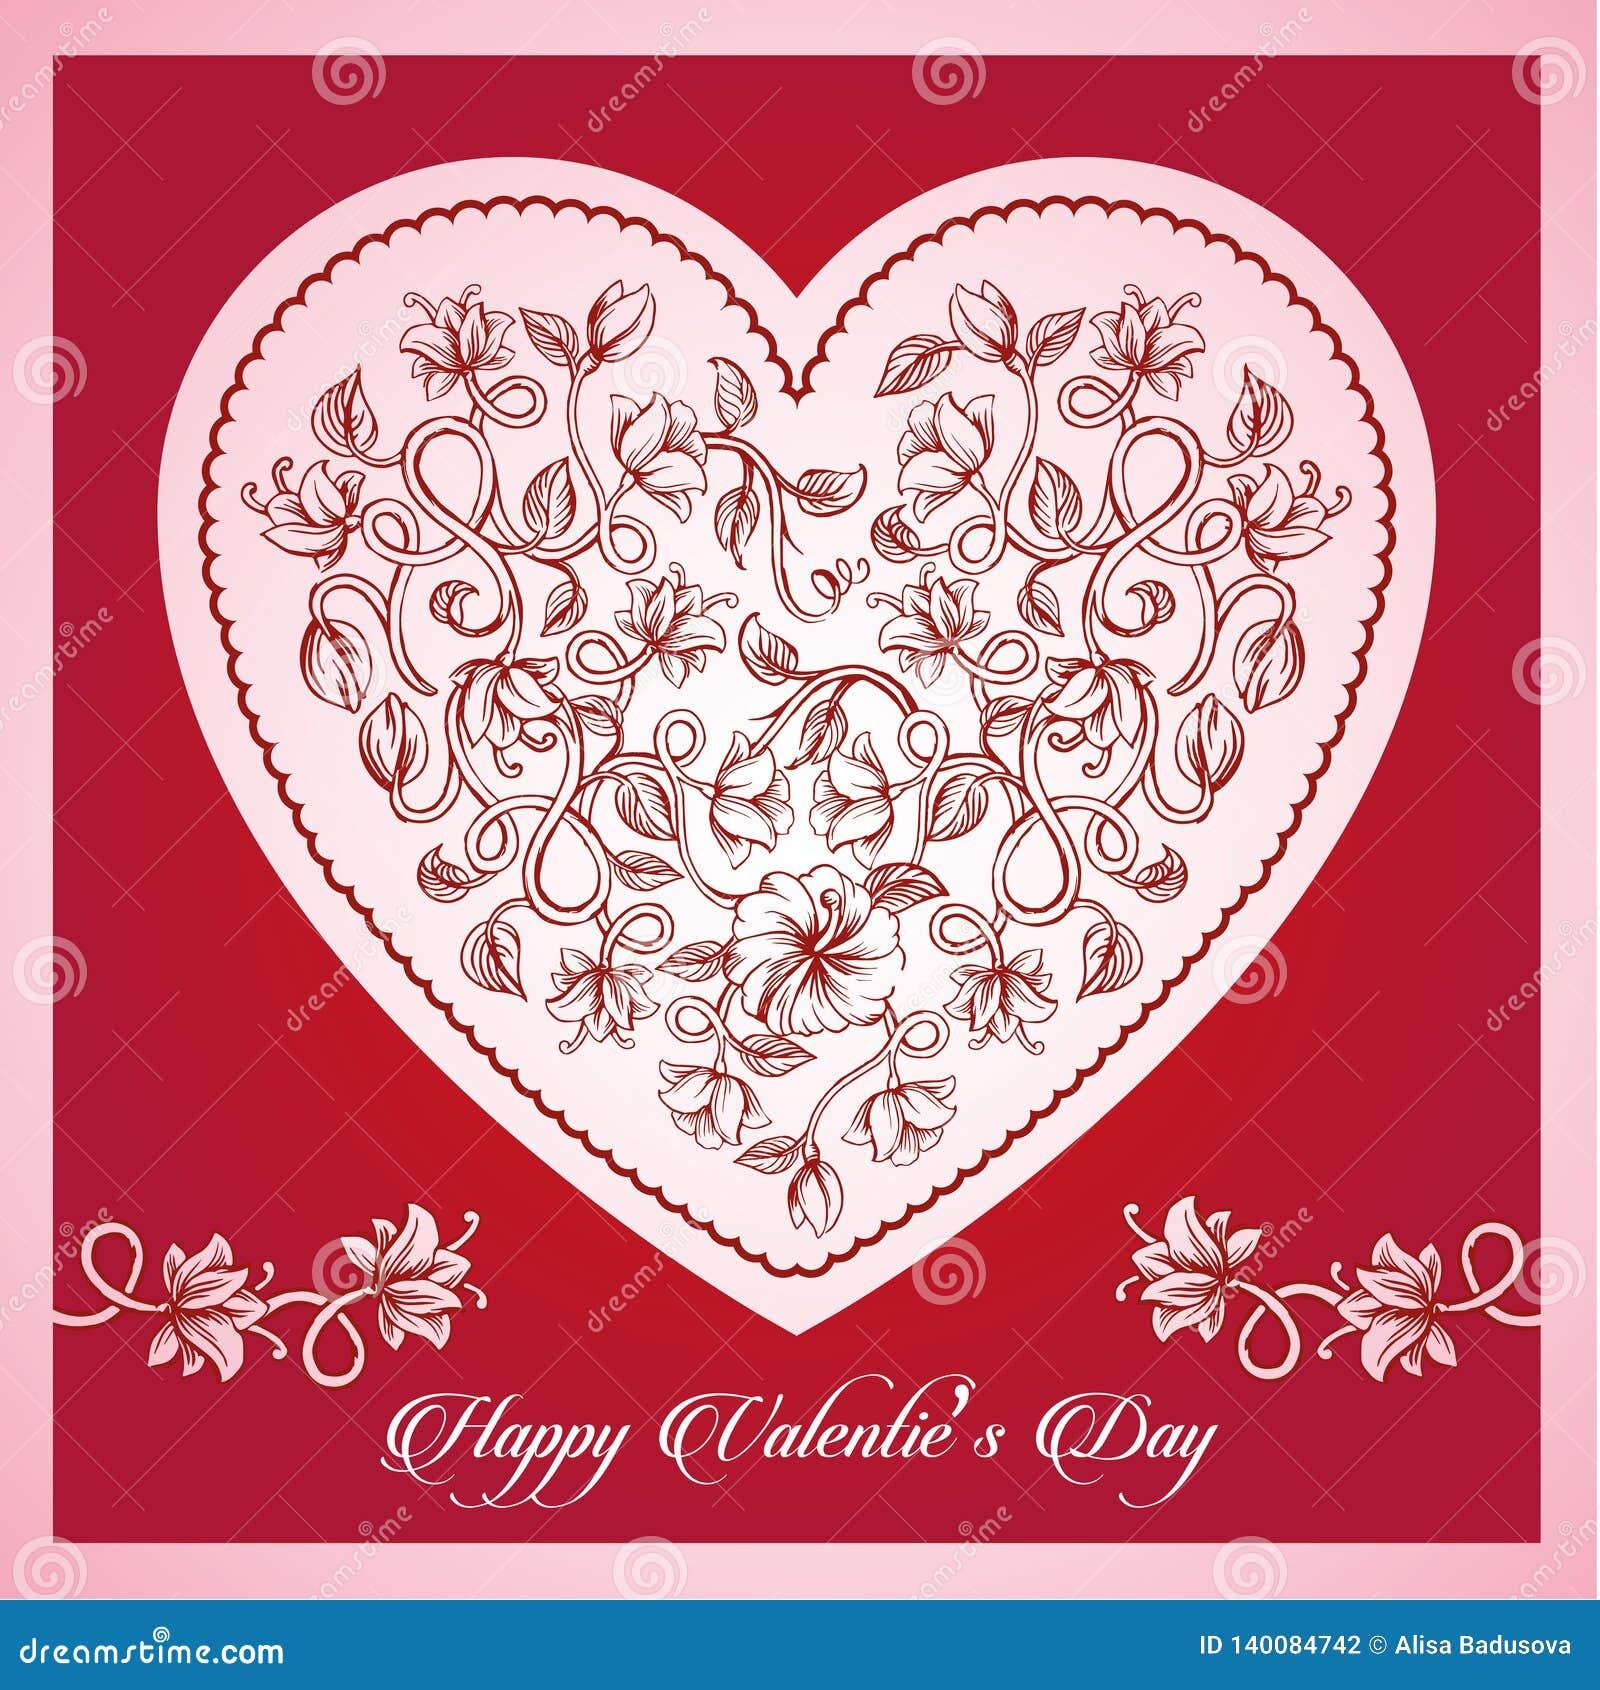 Letras tipográficas felices de día de San Valentín en fondo rosado con el ejemplo blanco del vector del corazón